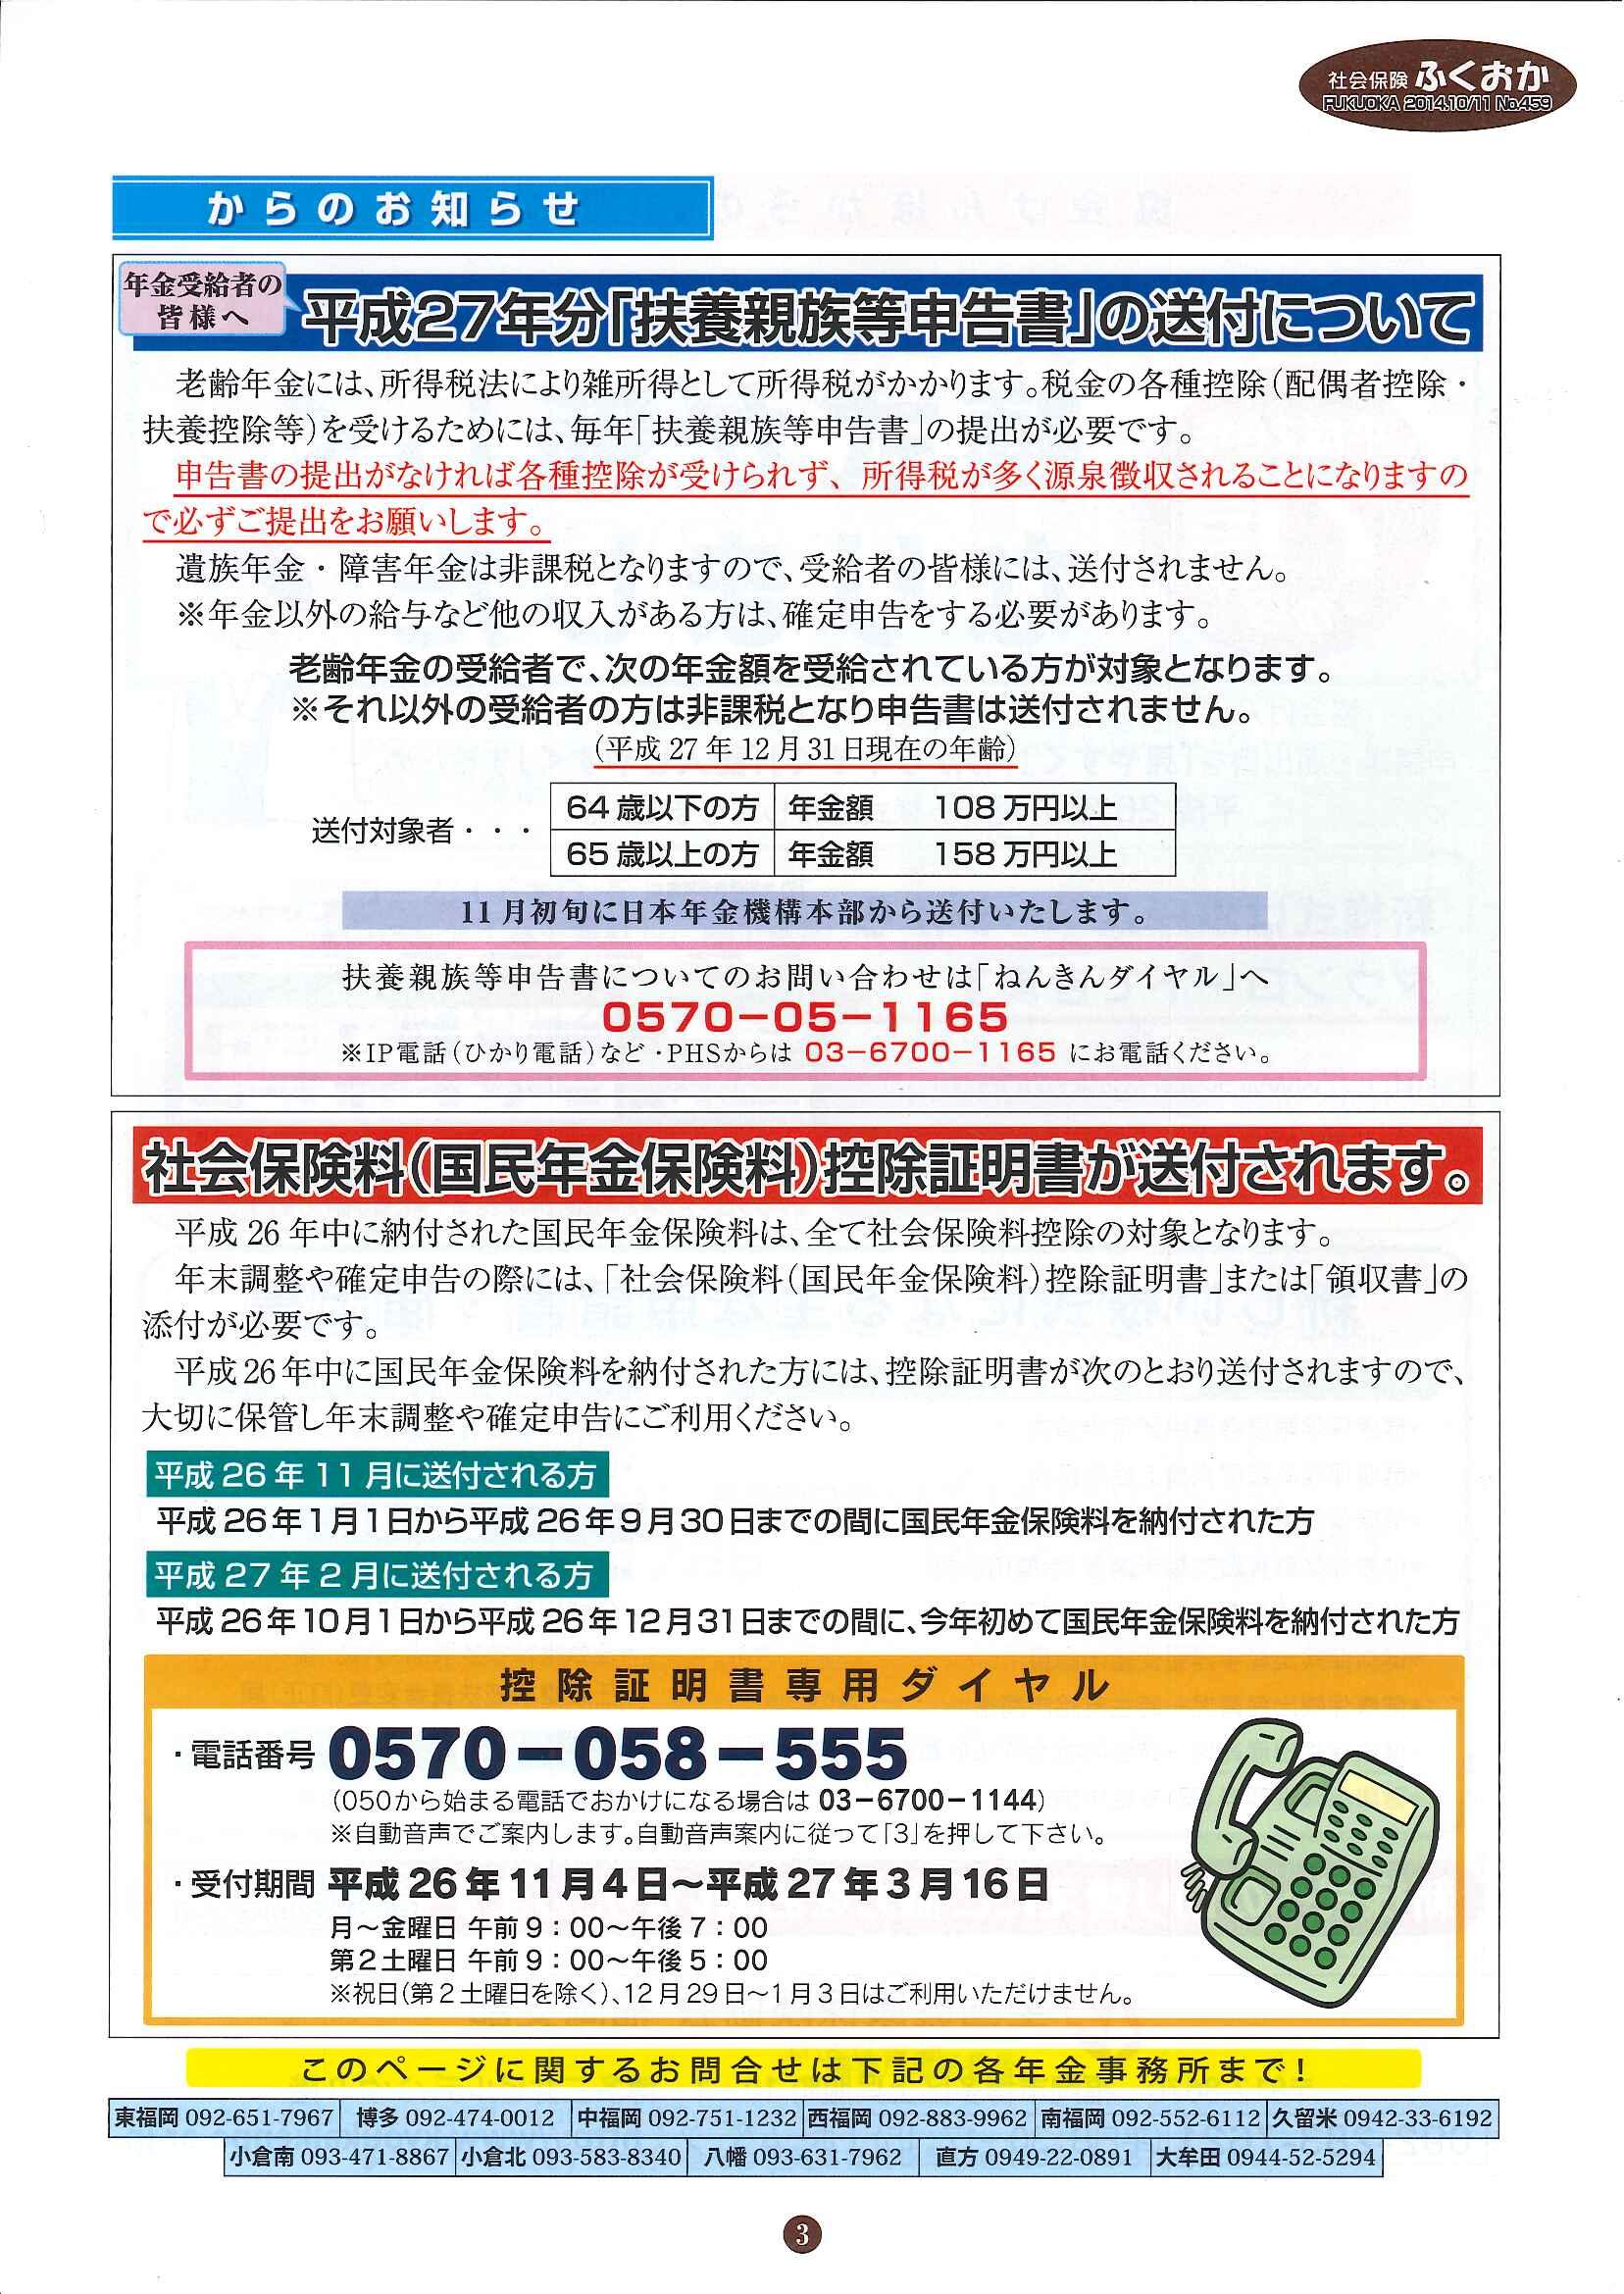 社会保険 「ふくおか」 2014年10・11月号_f0120774_14592049.jpg